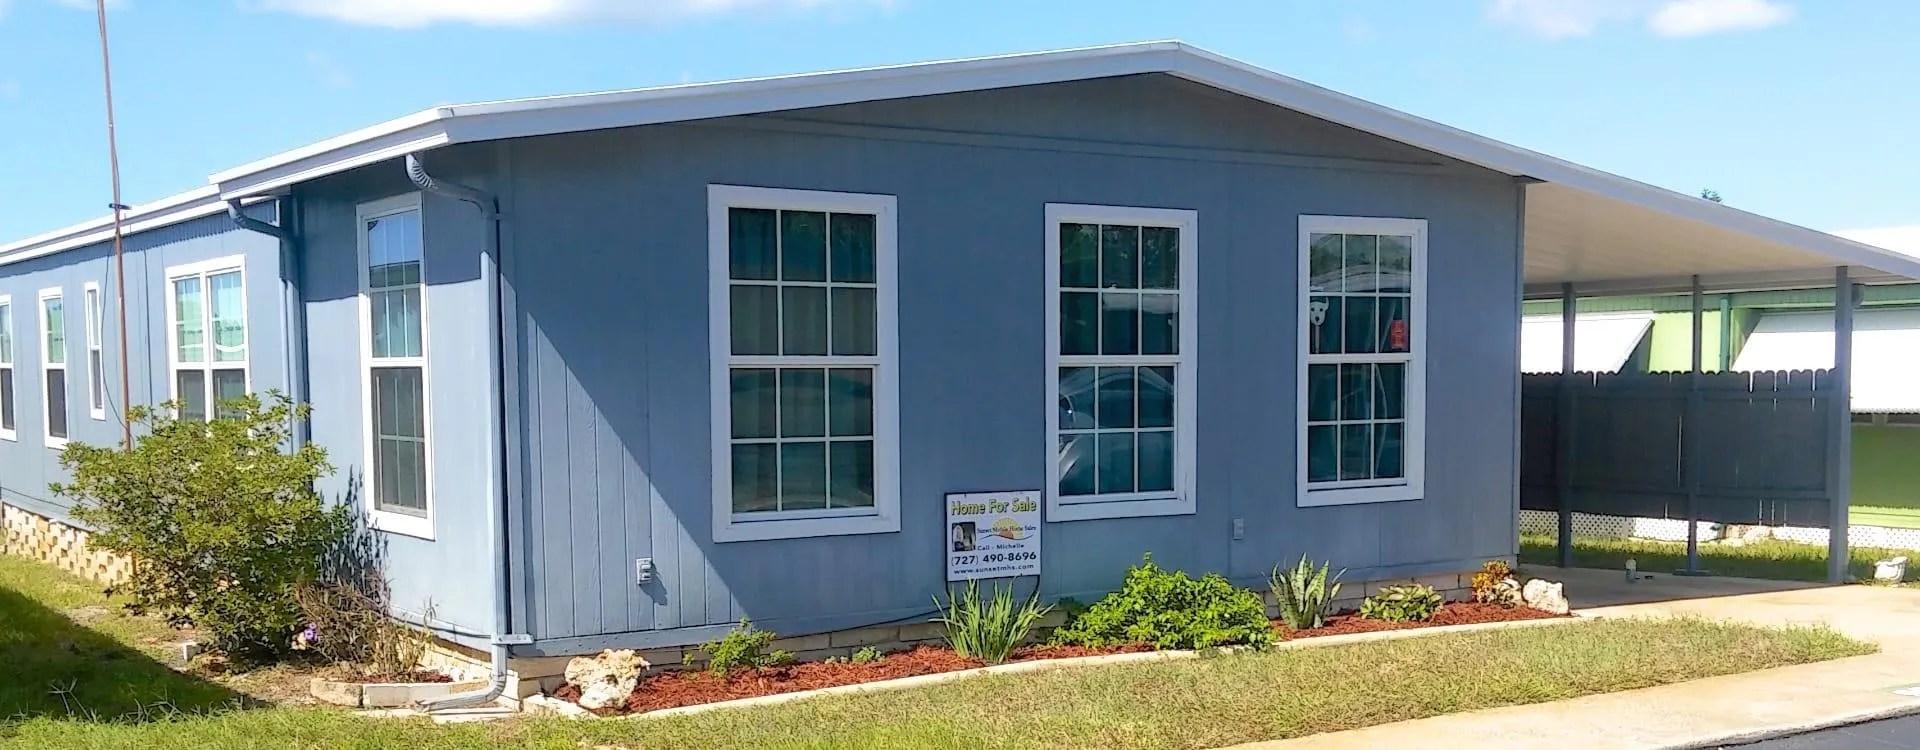 Fullsize Of New Mobile Homes For Sale